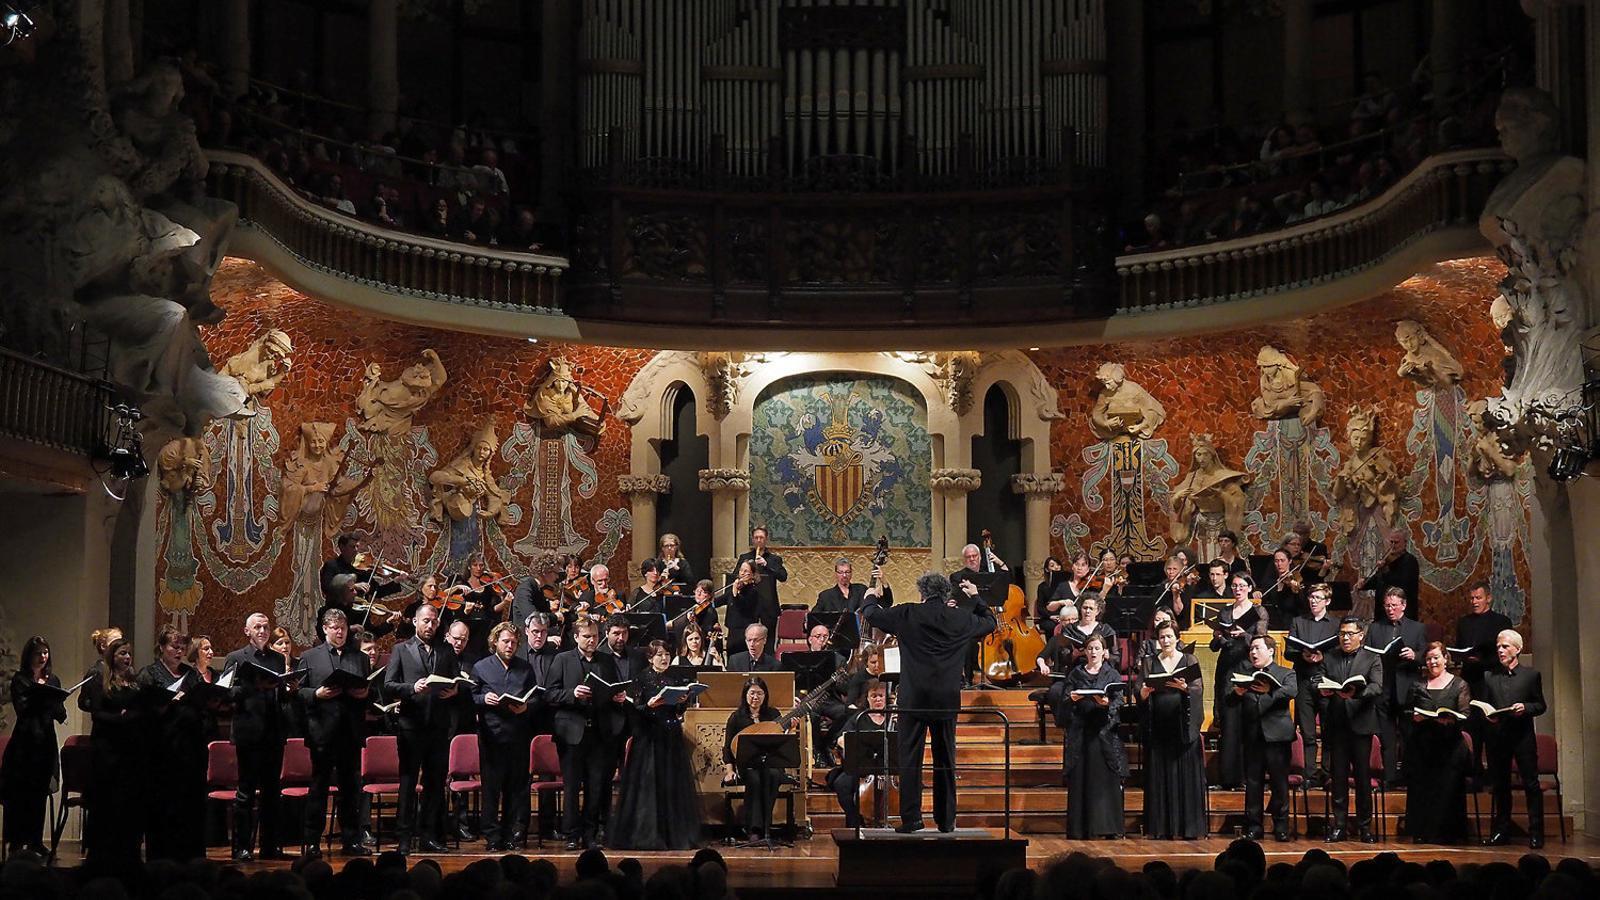 René Jacobs dirigint la Passió segons Sant Mateu al Palau de la Música. / A. BOFILL / PALAU DE LA MÚSICA